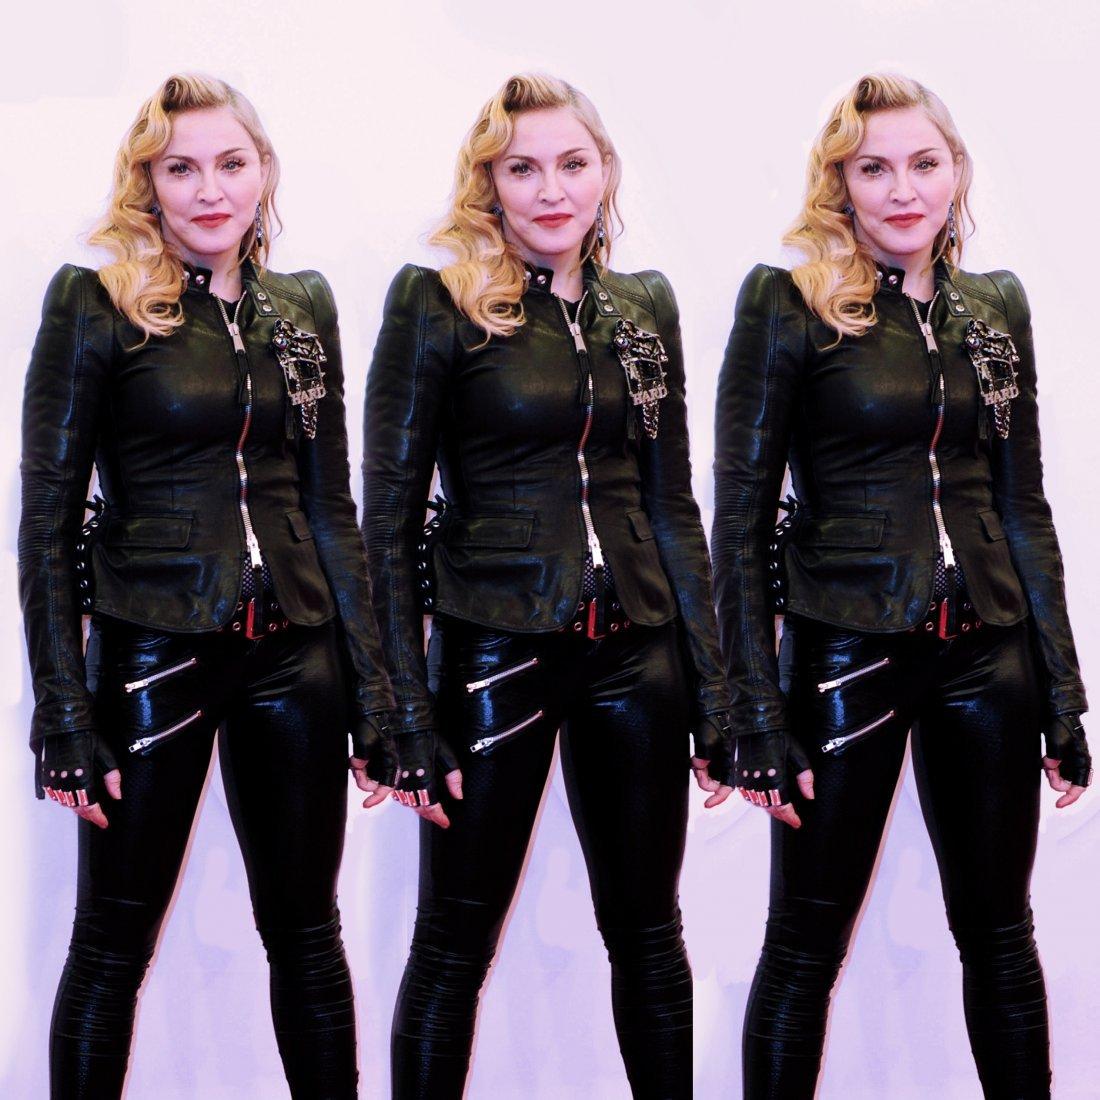 Madonna x 3 Las Vegas